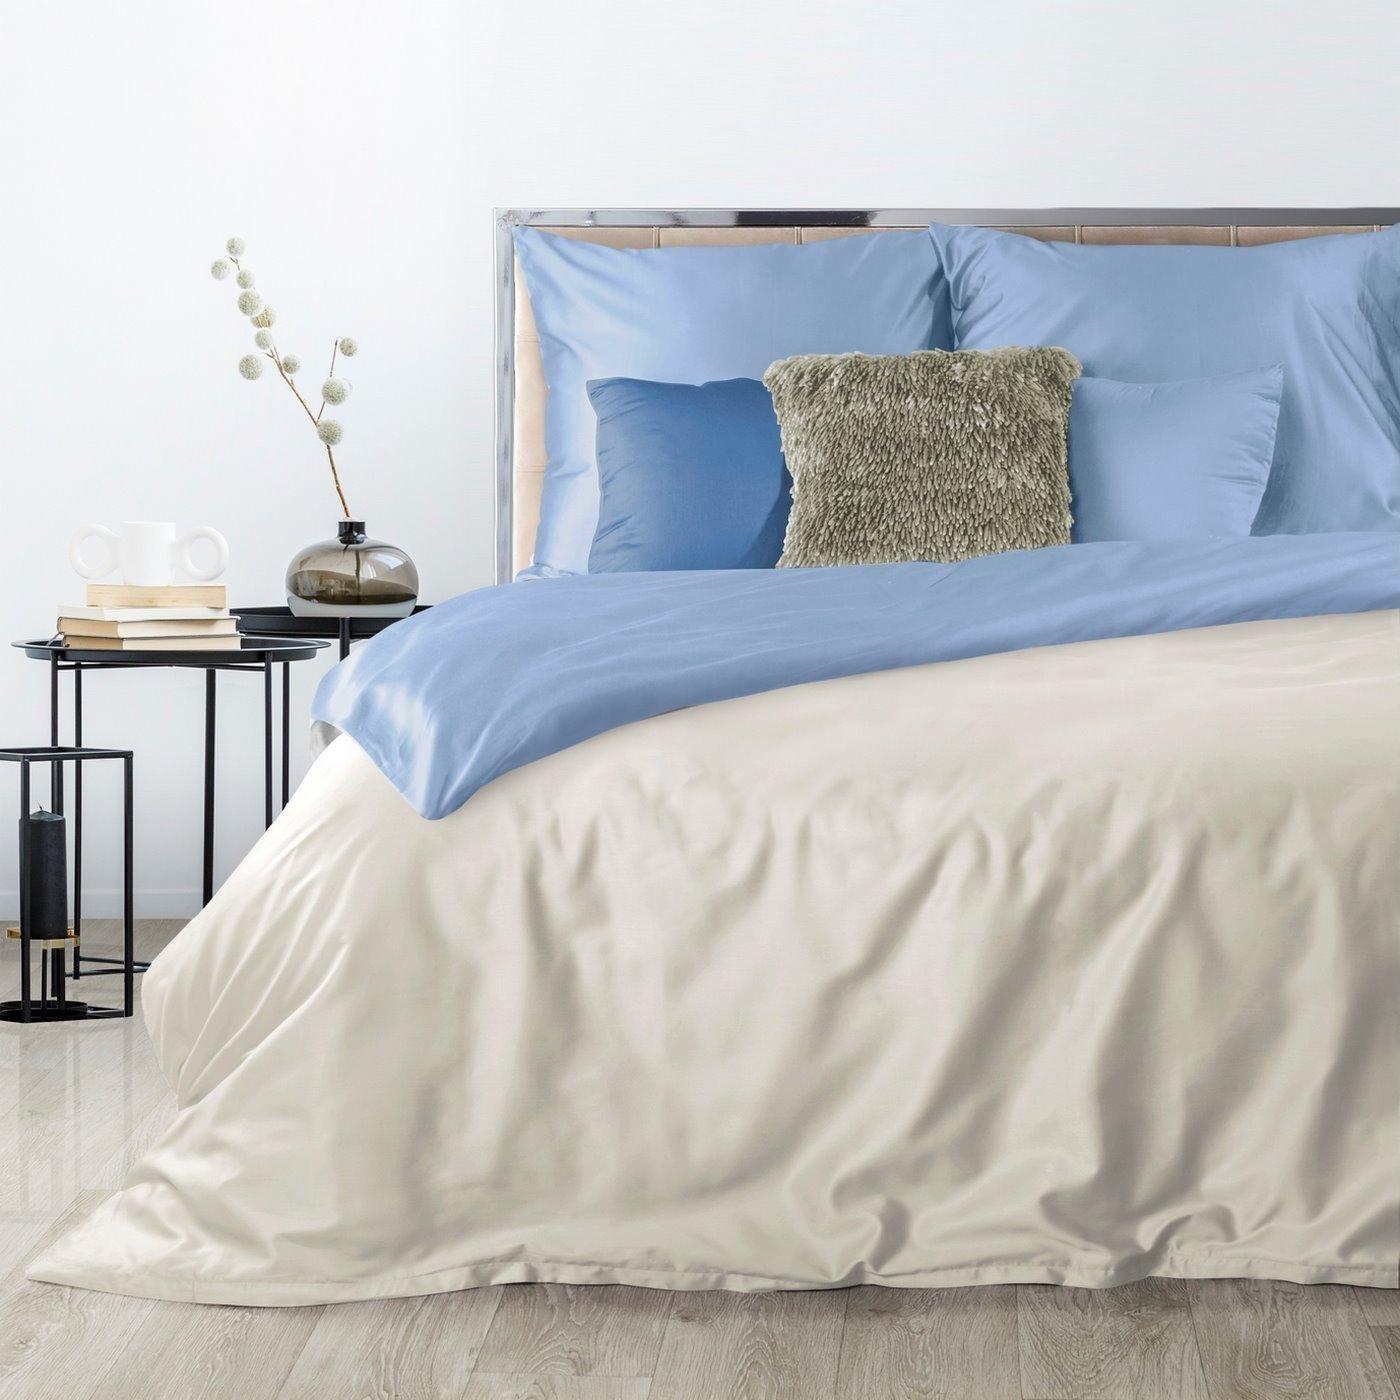 Komplet pościel z makosatyny 160 x 200 cm, 2 szt. 70 x 80 cm dwustronny kremowo-niebieski